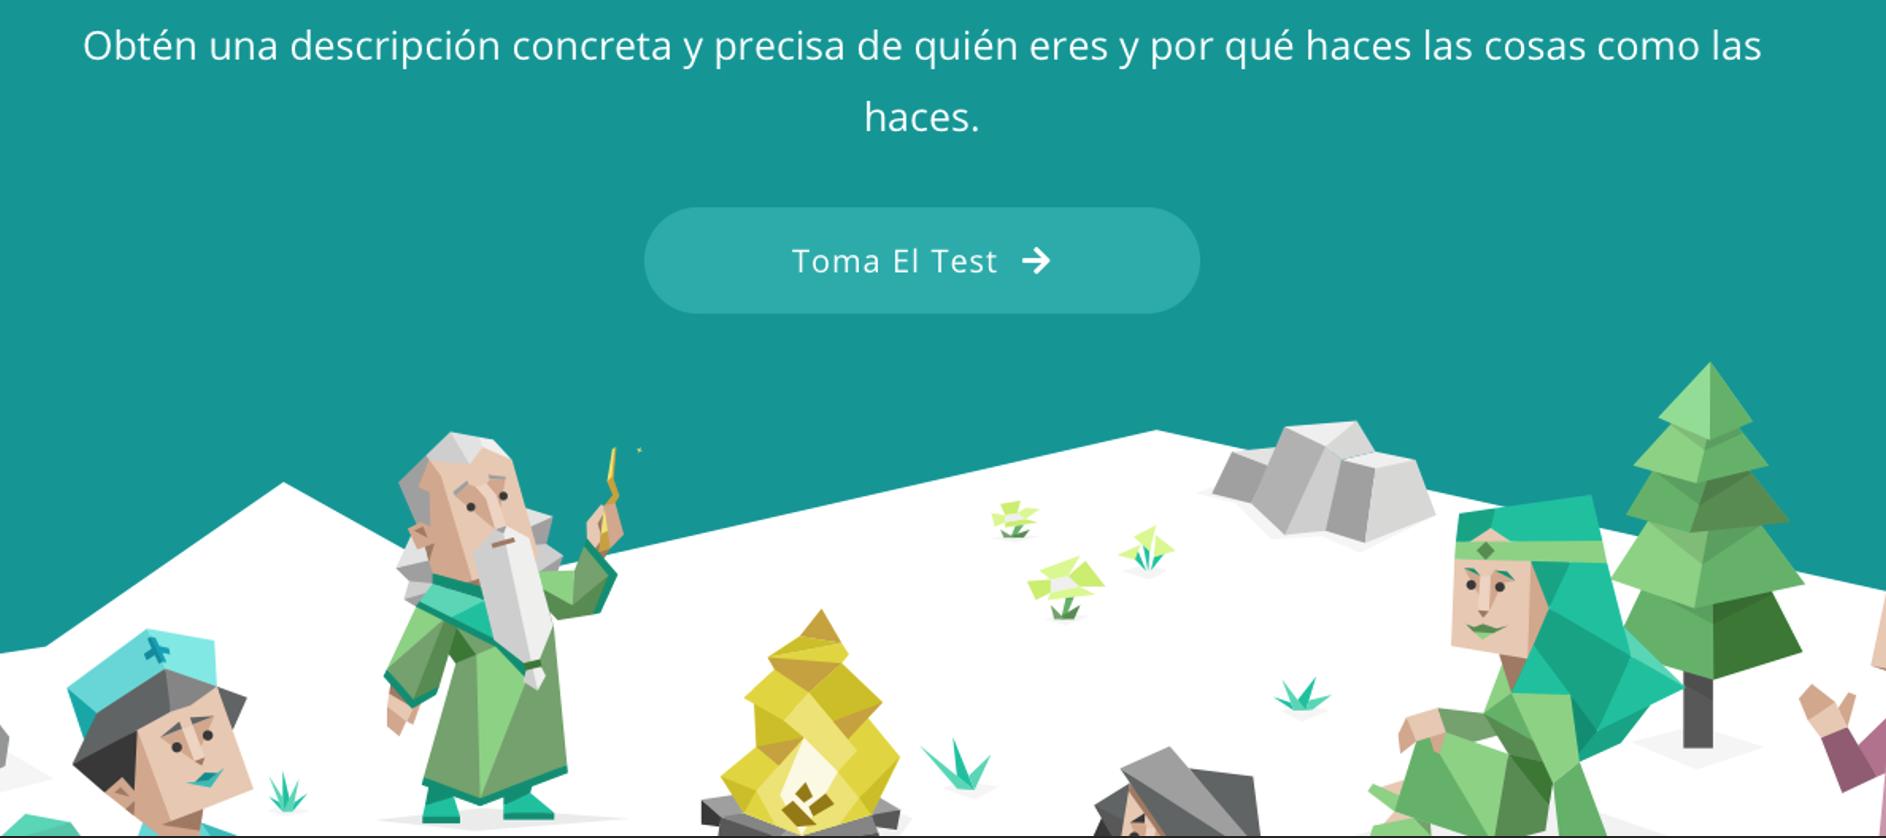 Link al test de personalidad